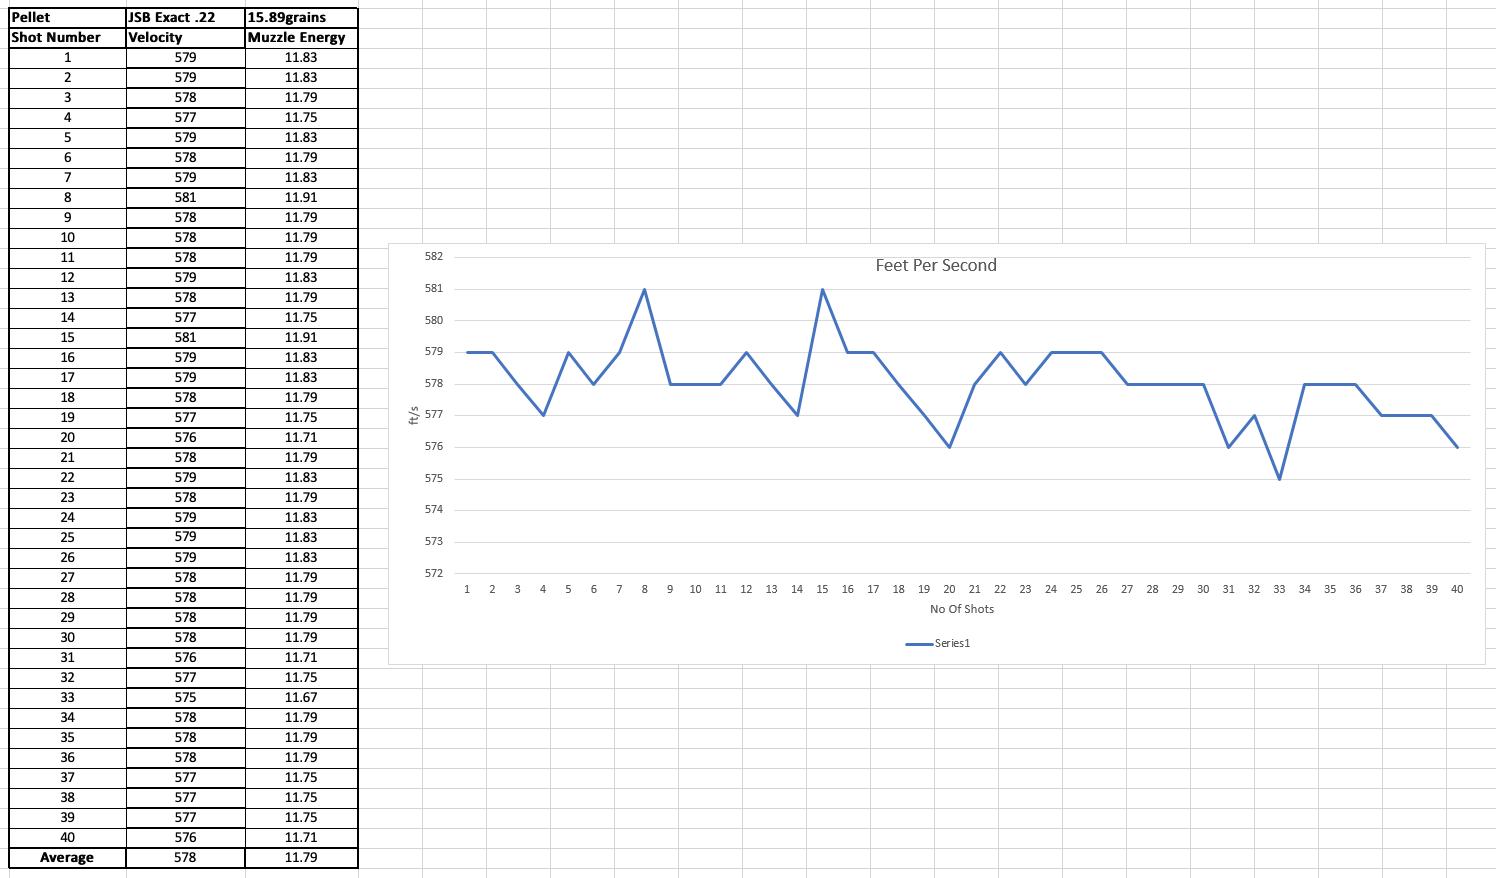 BSA Defiant - Shot power data